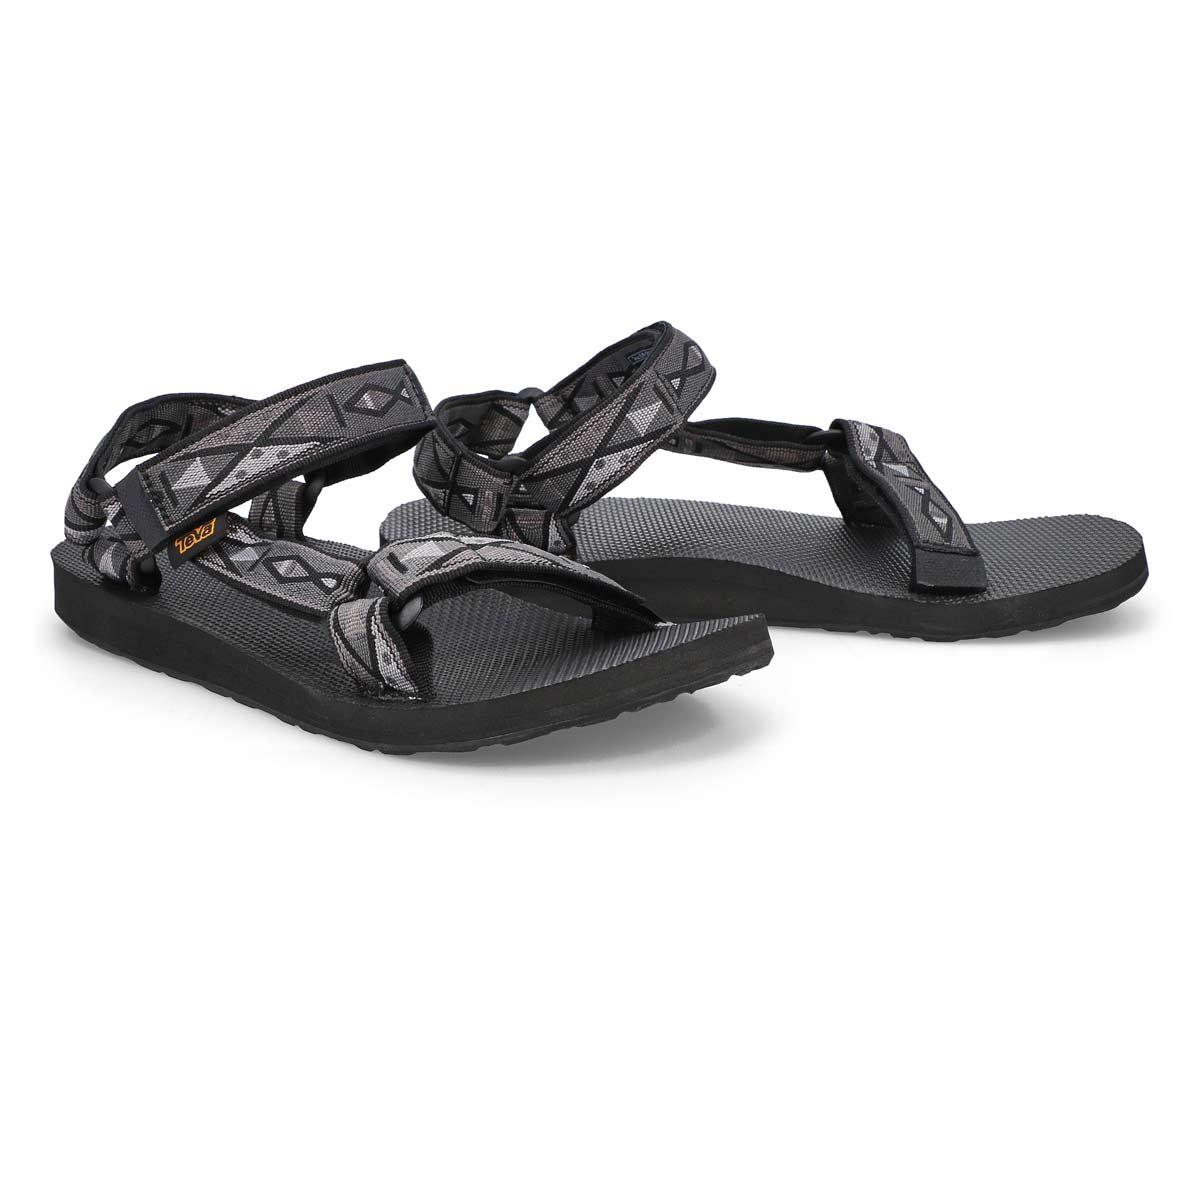 Sandale Original Universal, hommes - Noir/Gris